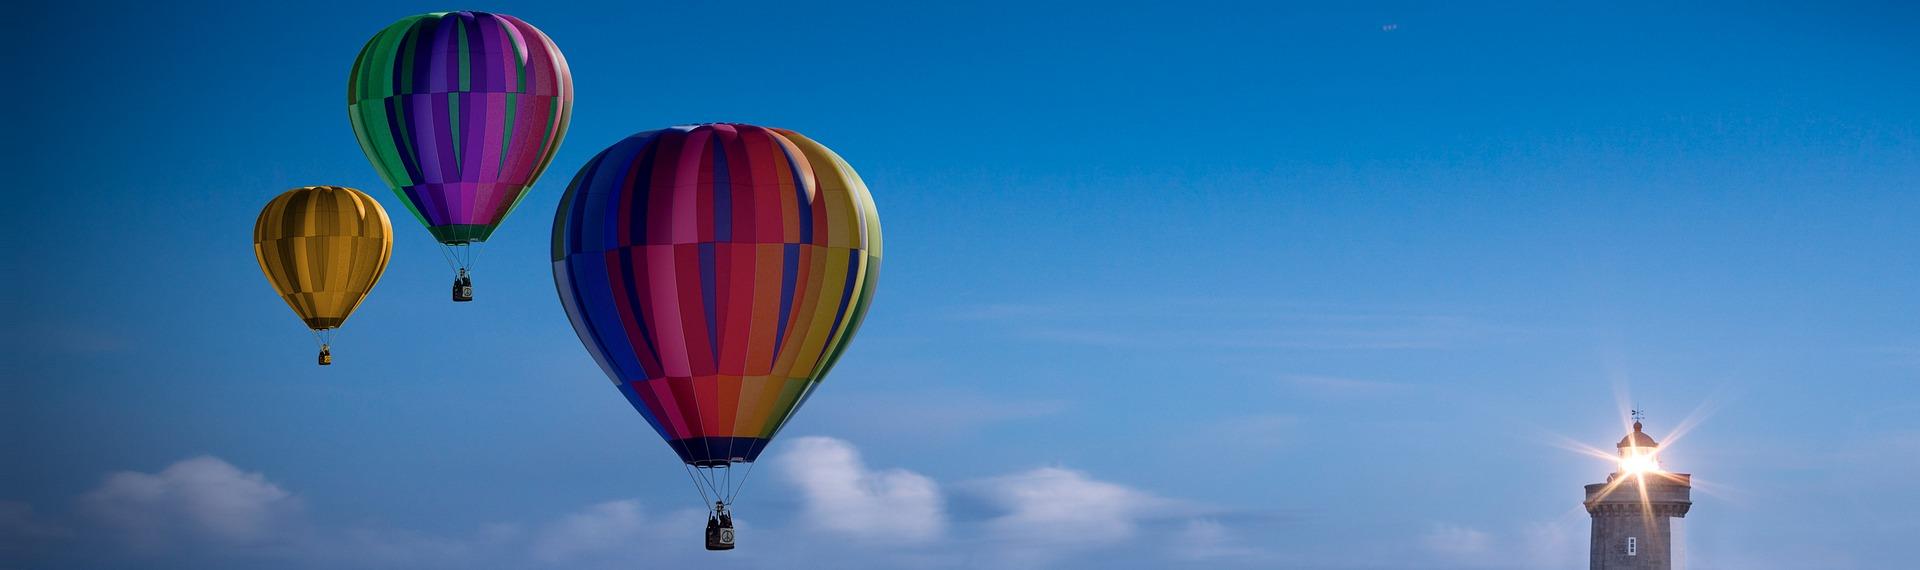 balloon-2331488_1920_cr